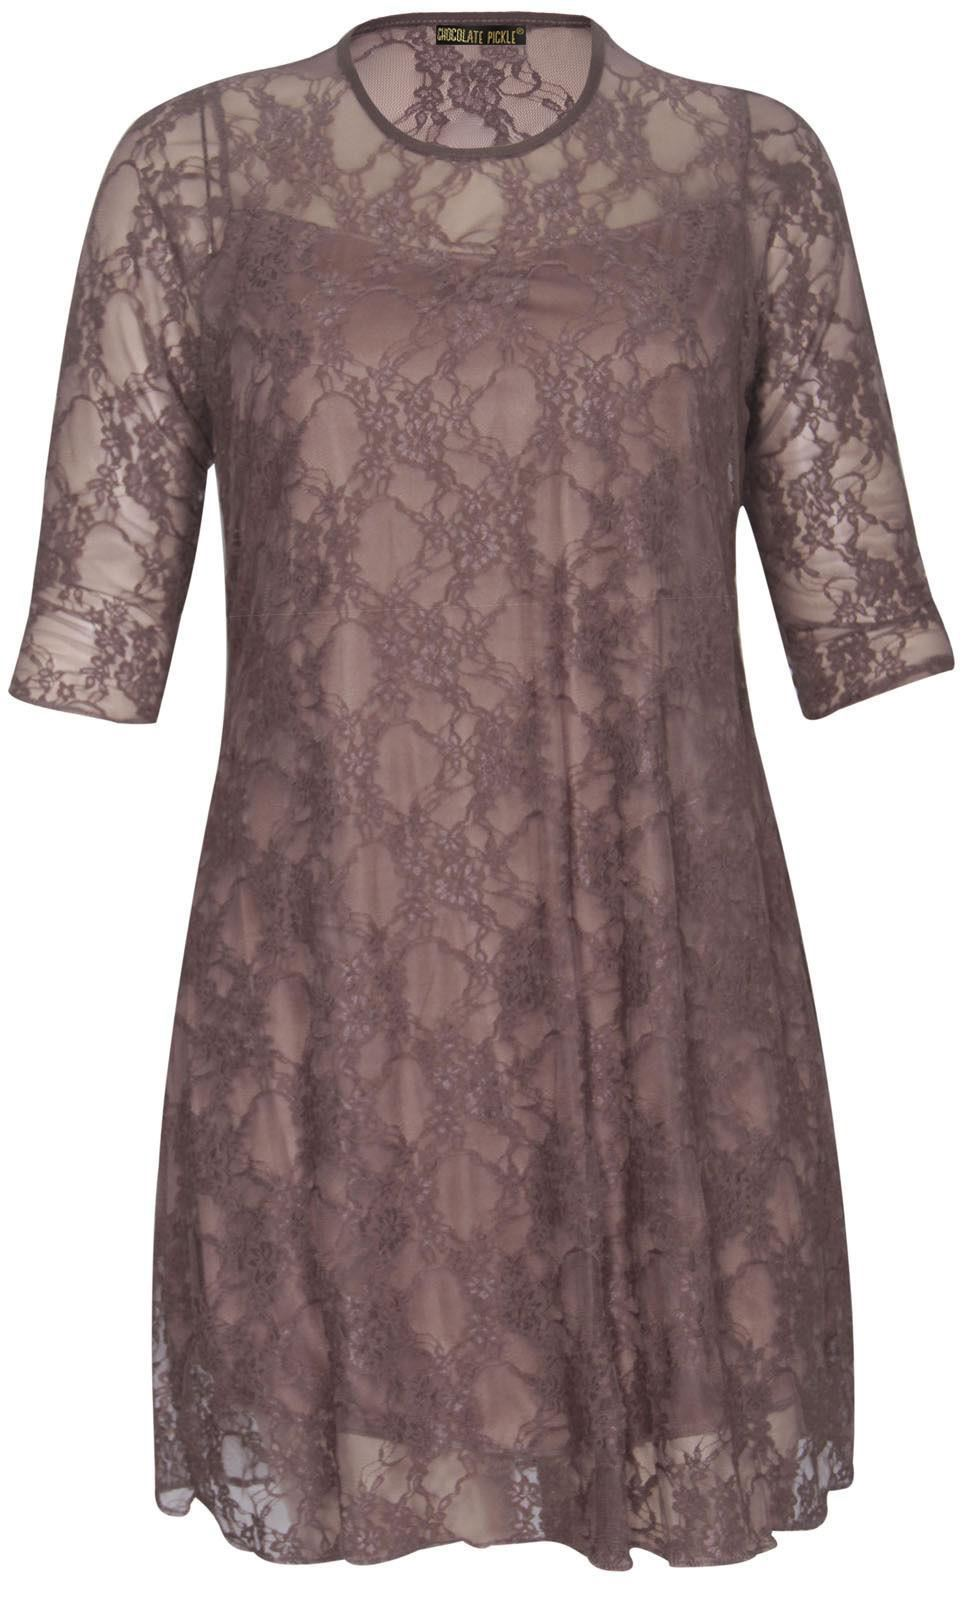 Nouveau-Femmes-Plus-Size-Floral-Lace-manches-3-4-Robe-droite-42-56